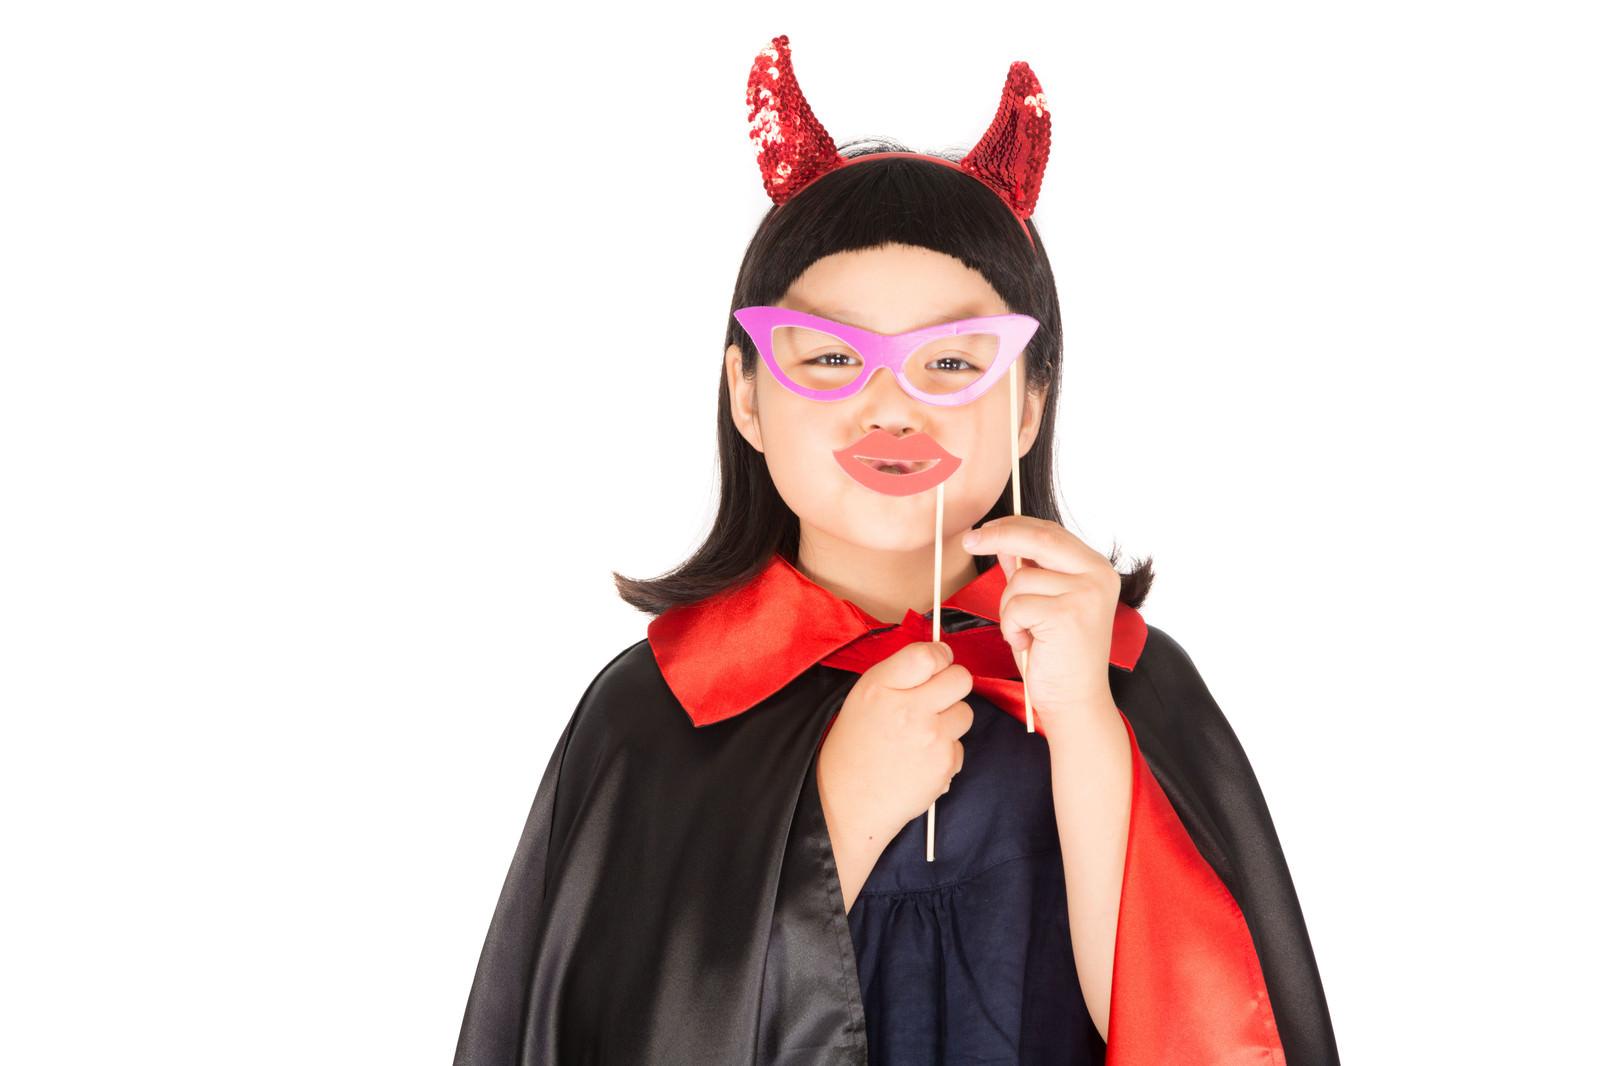 「メガネと唇で変装するプチデビル」の写真[モデル:ゆうき]